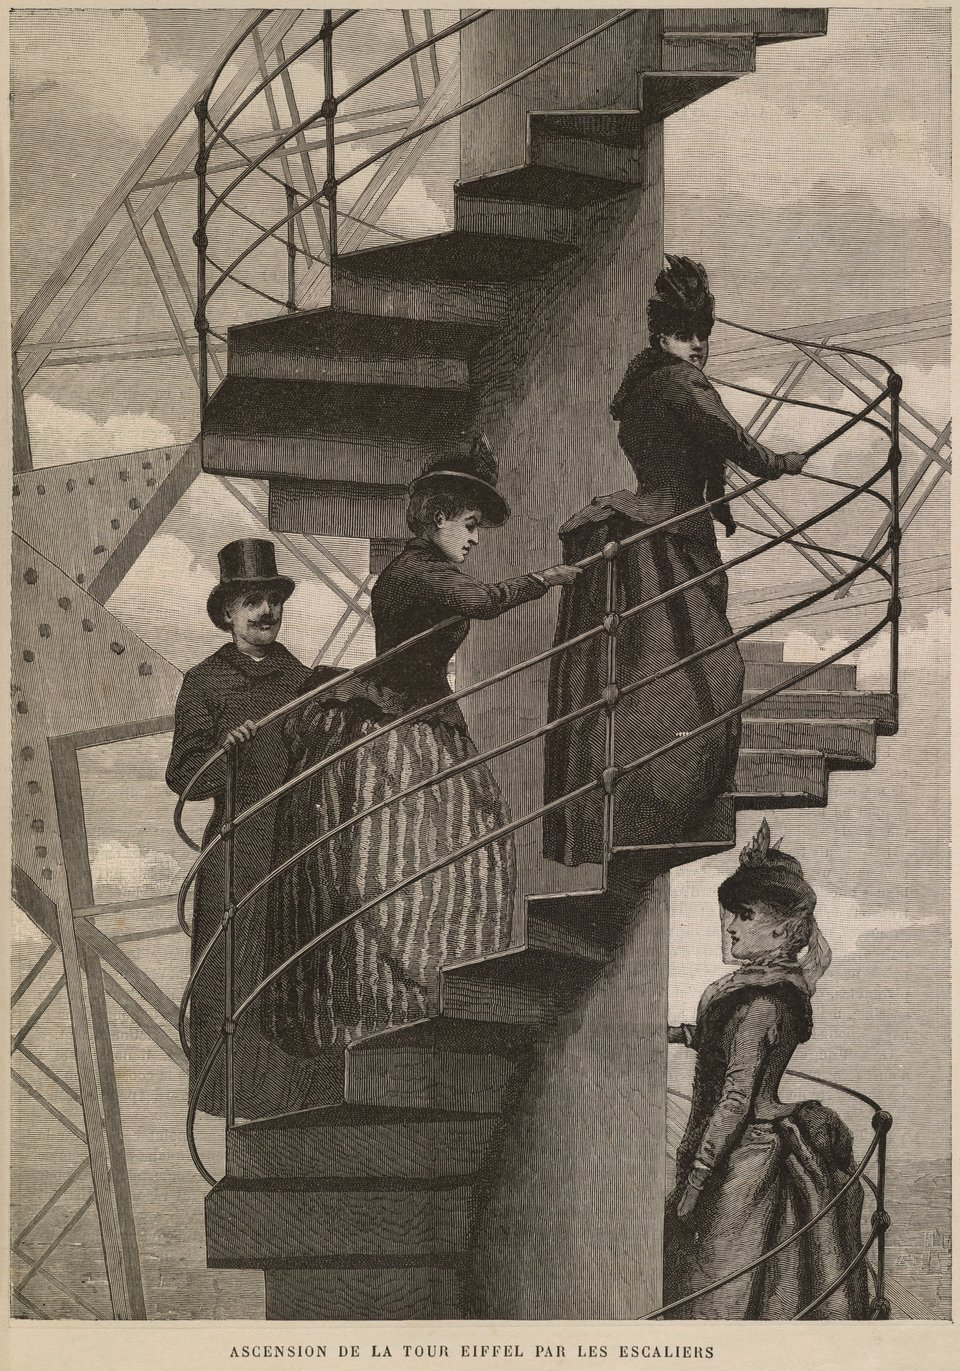 Wspinaczka po schodach na wieżę Eiffla Źródło: Wspinaczka po schodach na wieżę Eiffla, 1889, grawerunek, Brown University Library, domena publiczna.